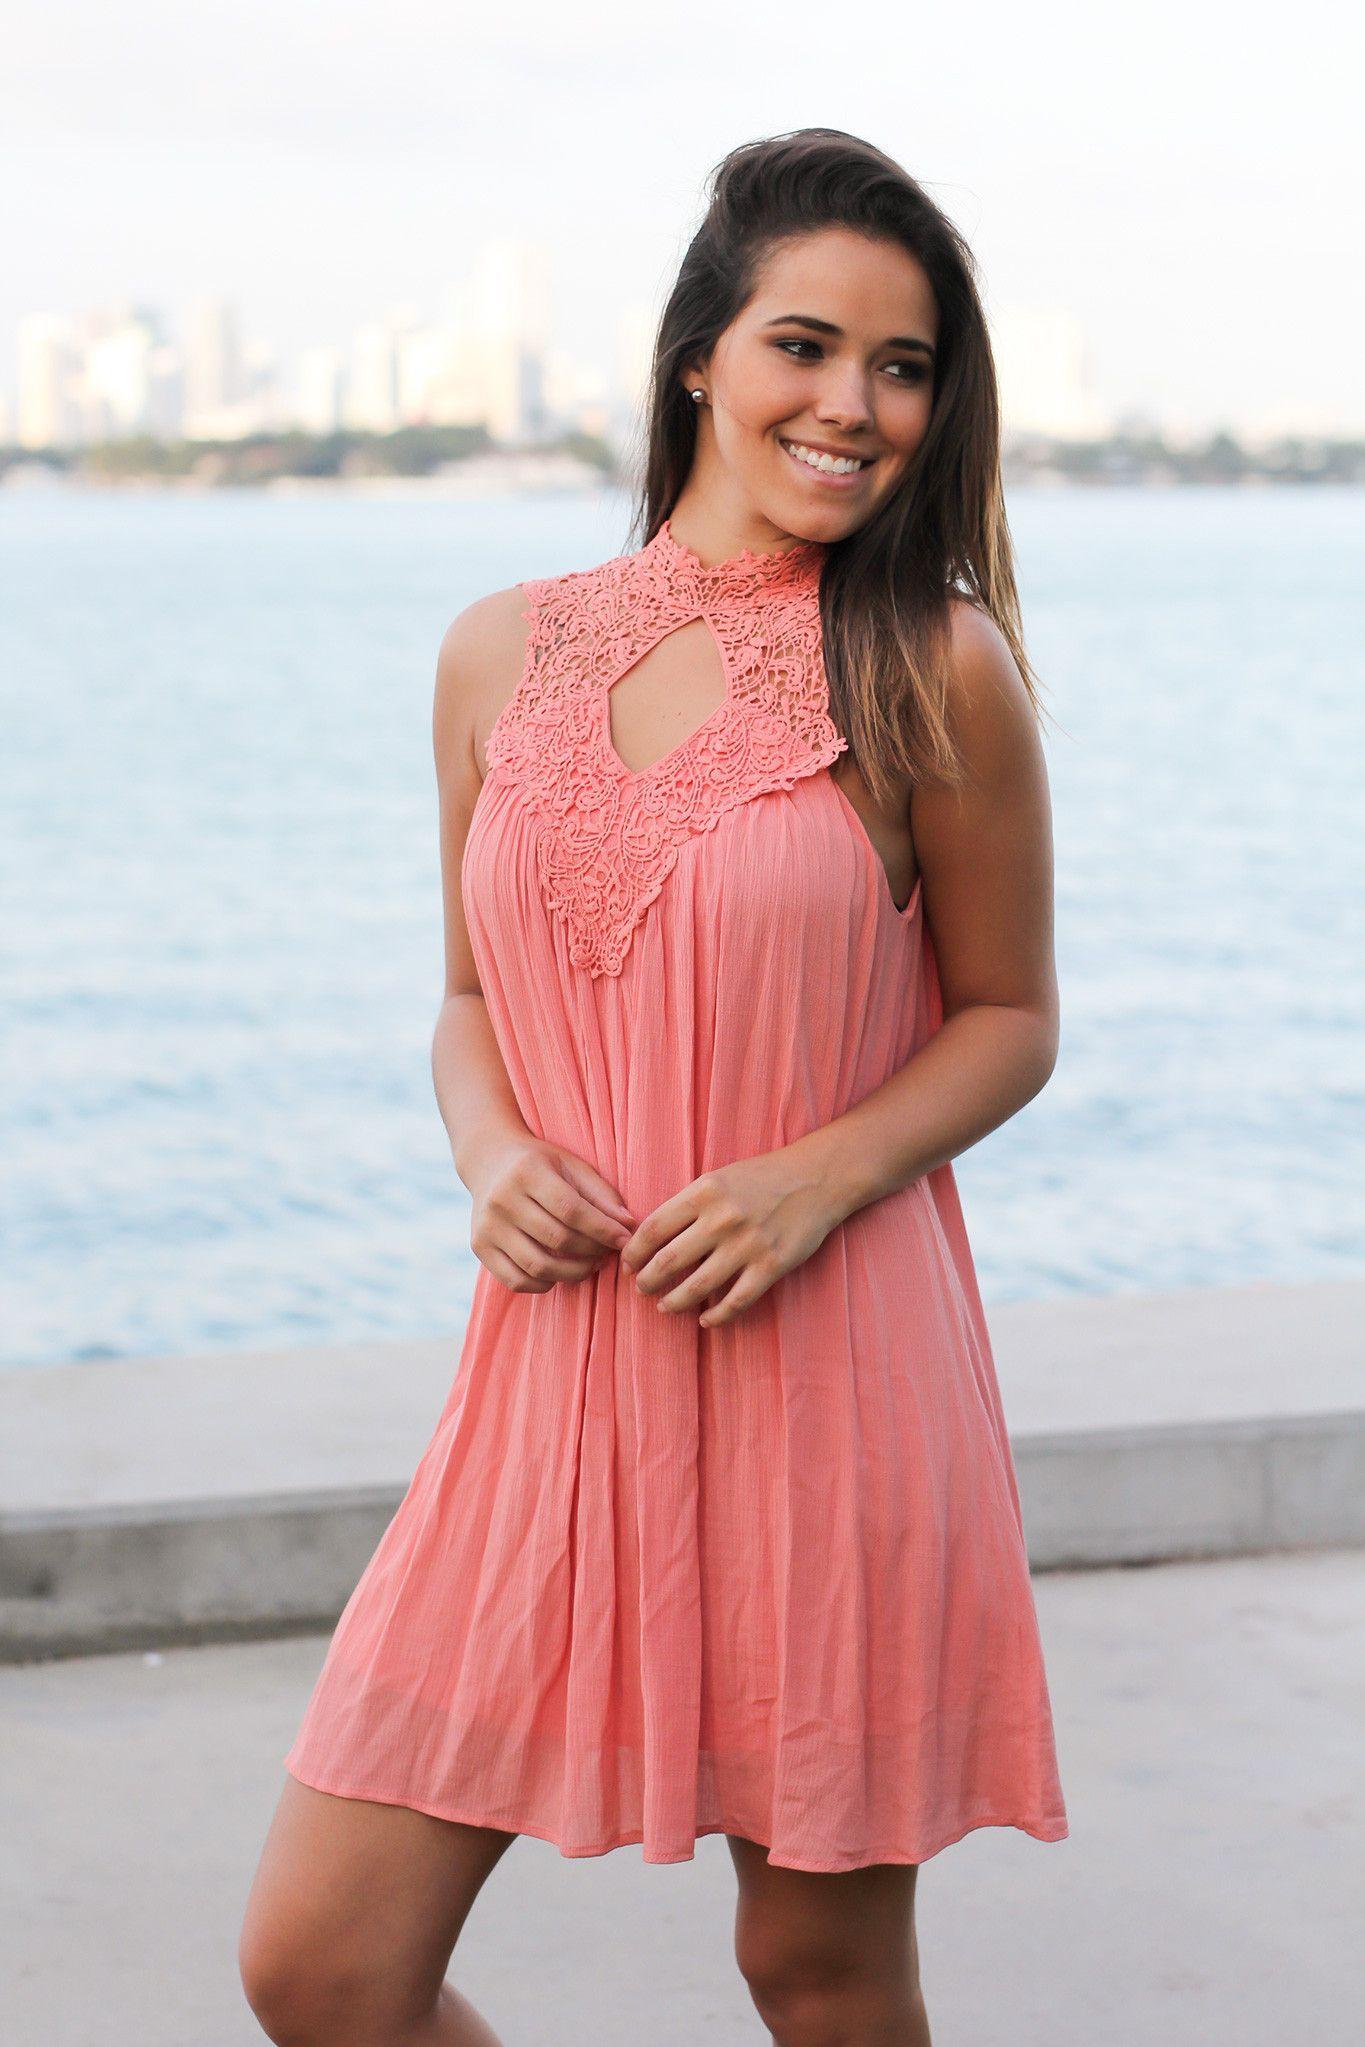 Encantador Vestidos De Dama De Playa Blanca Friso - Ideas de Vestido ...